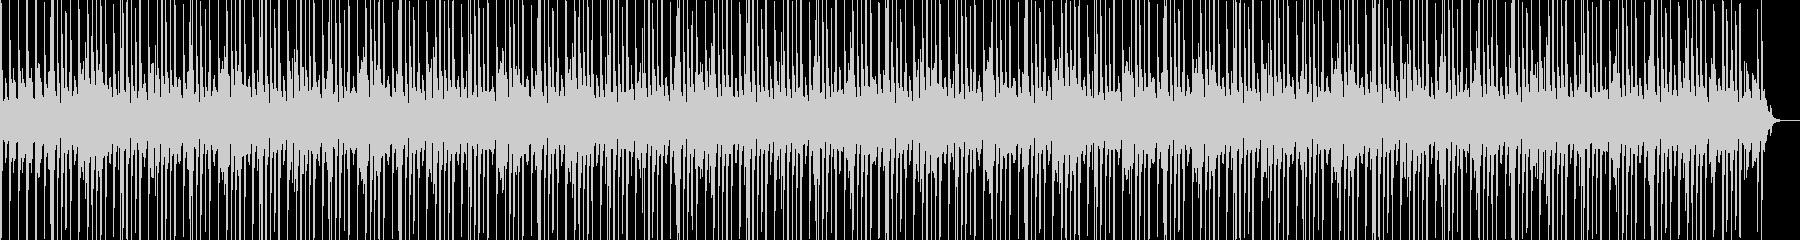 シンプルで子供っぽいラップビート(...の未再生の波形